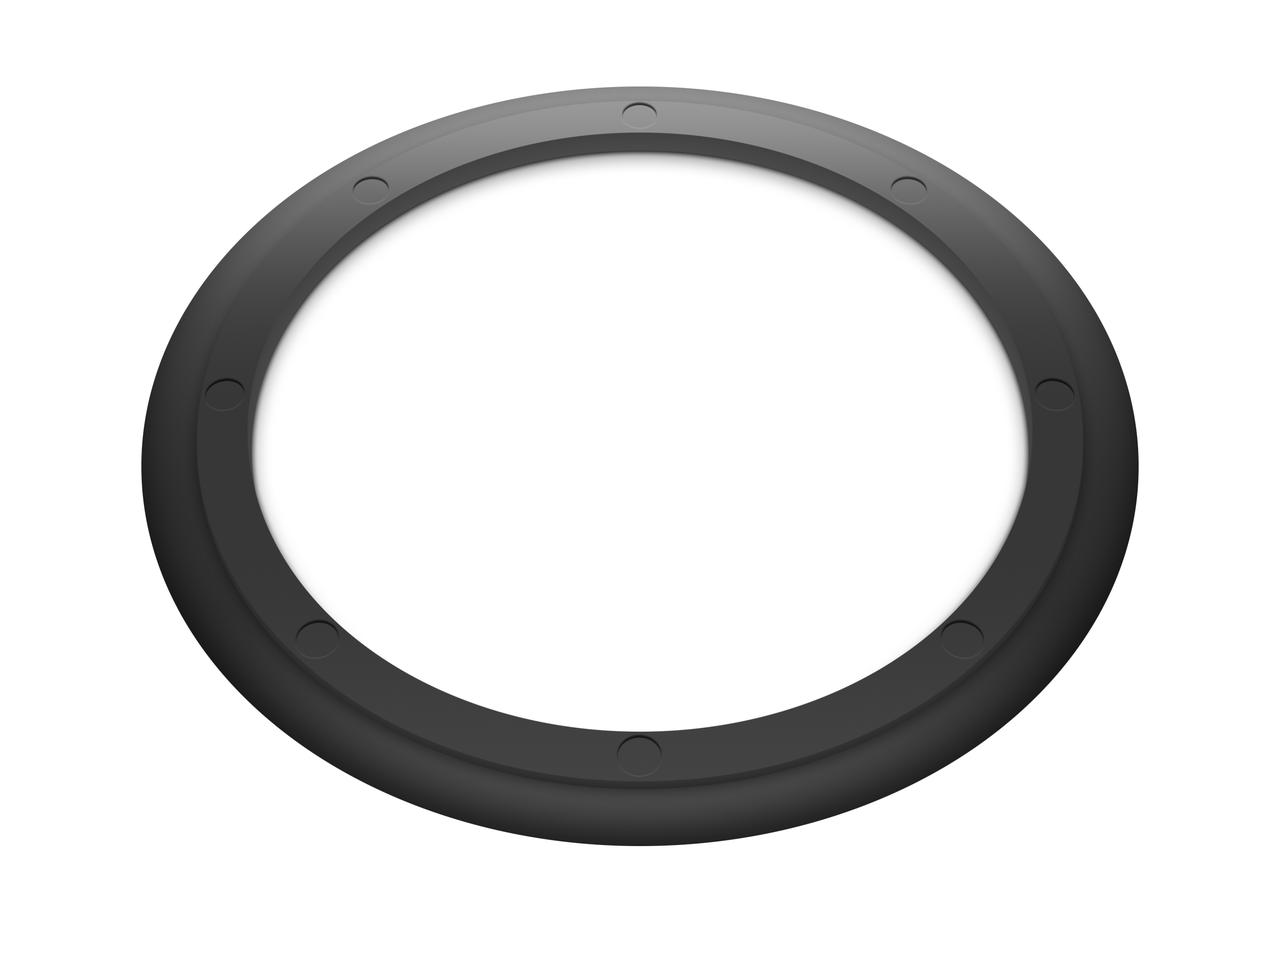 Кольцо резиновое уплотнительное для двустенной трубы D 50мм